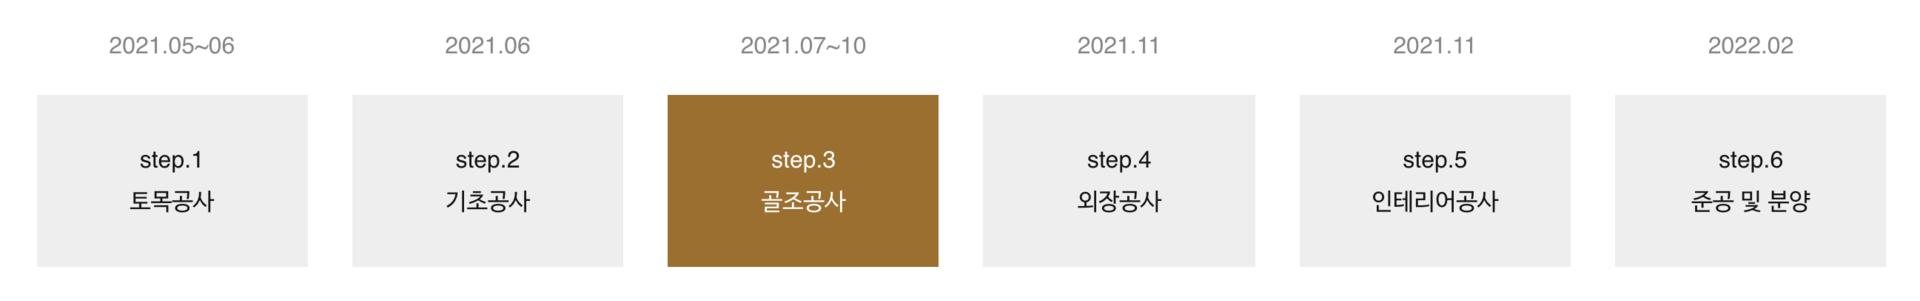 삼전동 슬로우밀리 355 - 7월 공사 진행 상황